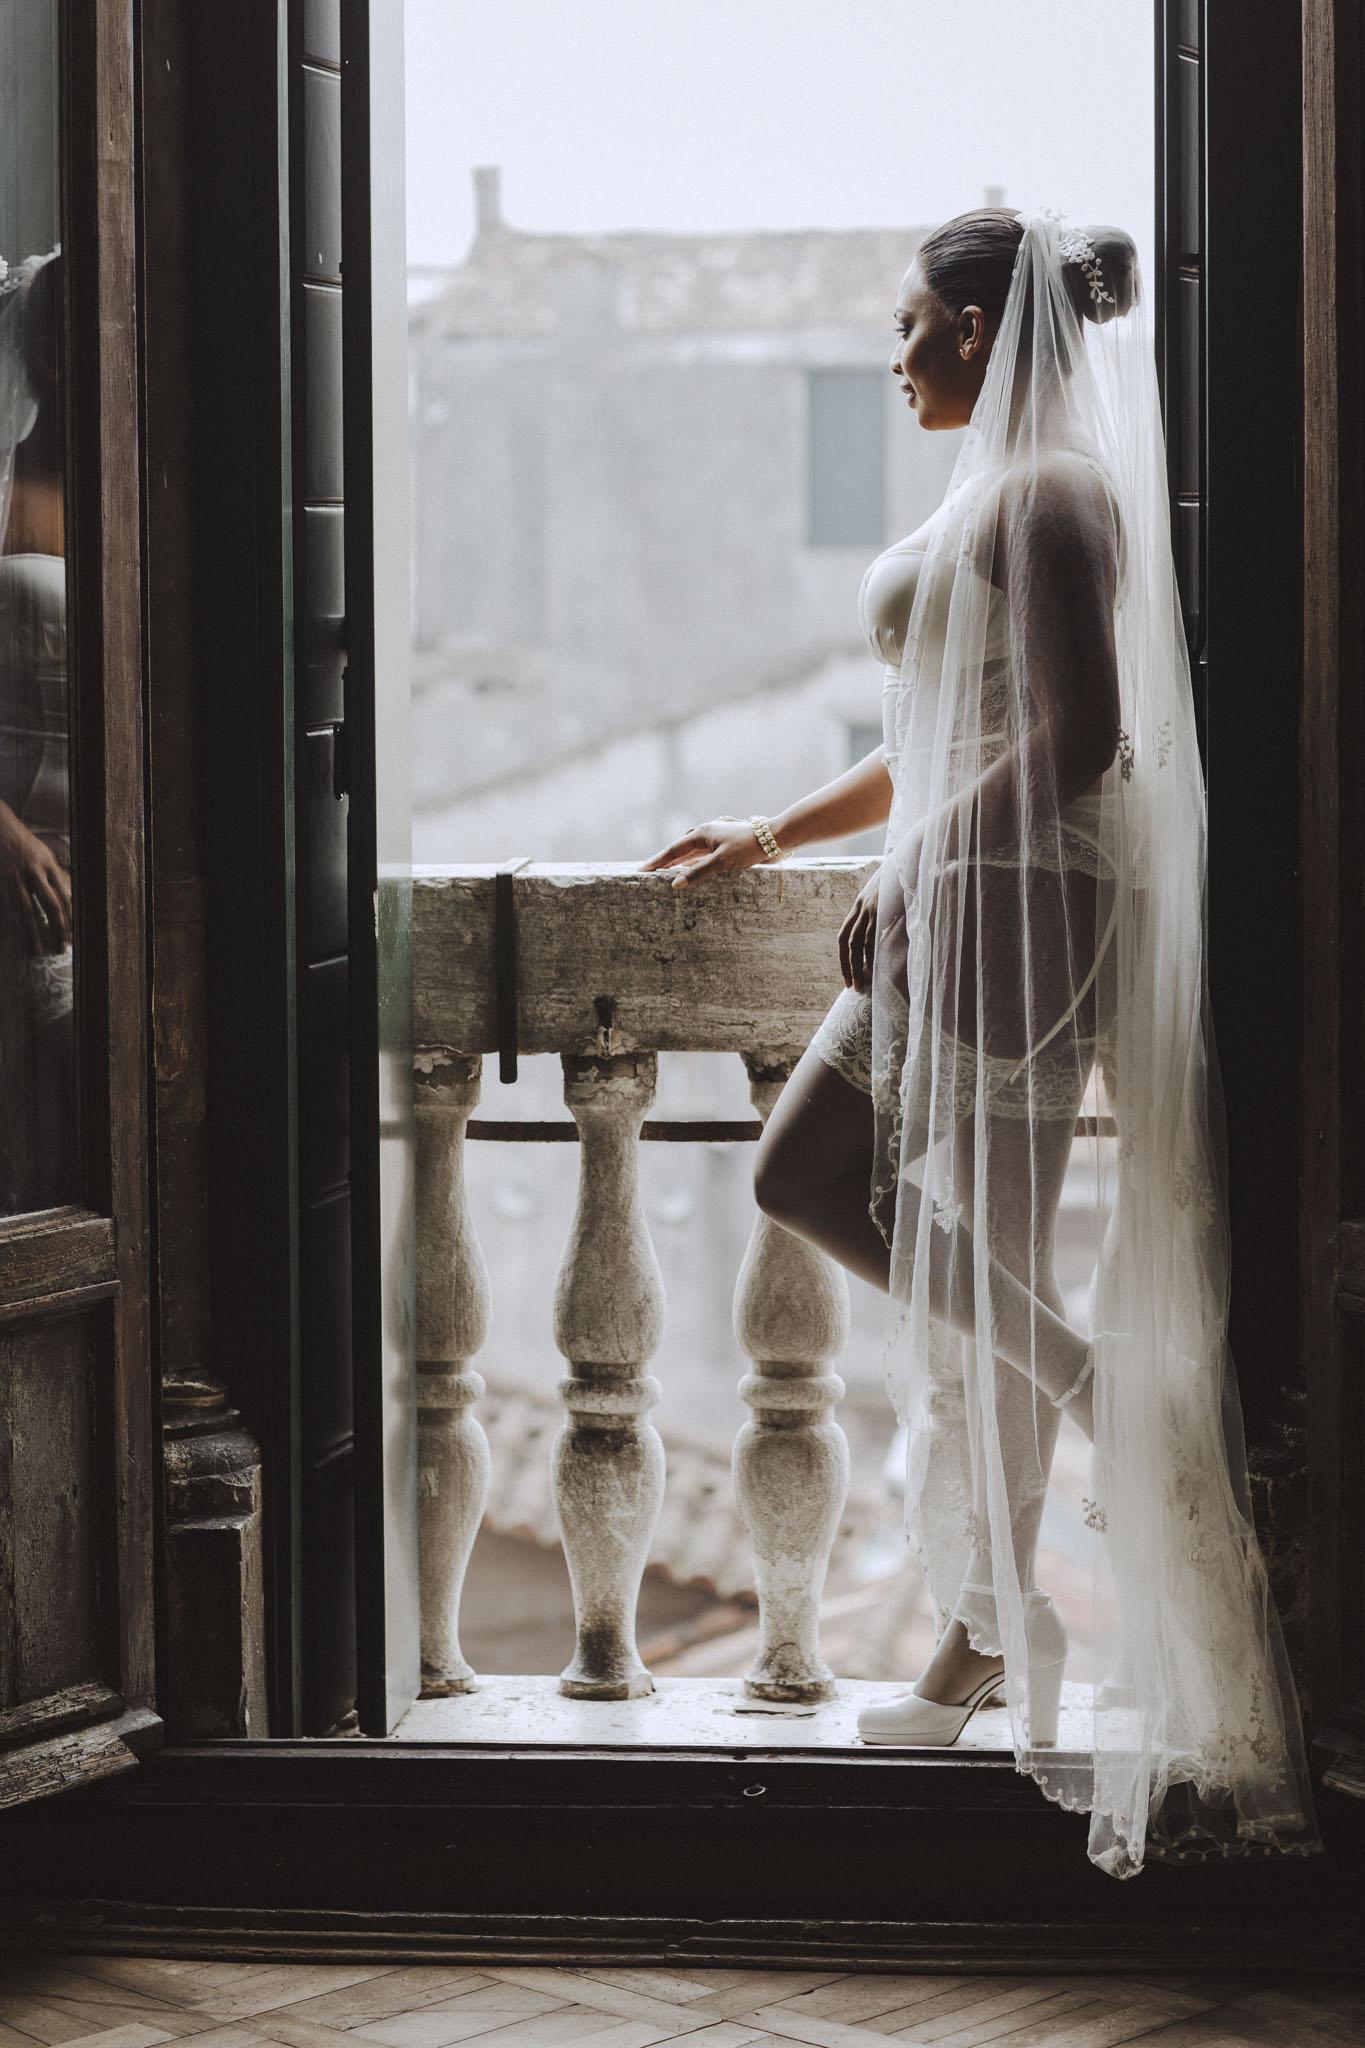 Boudoirfotografering bröllop